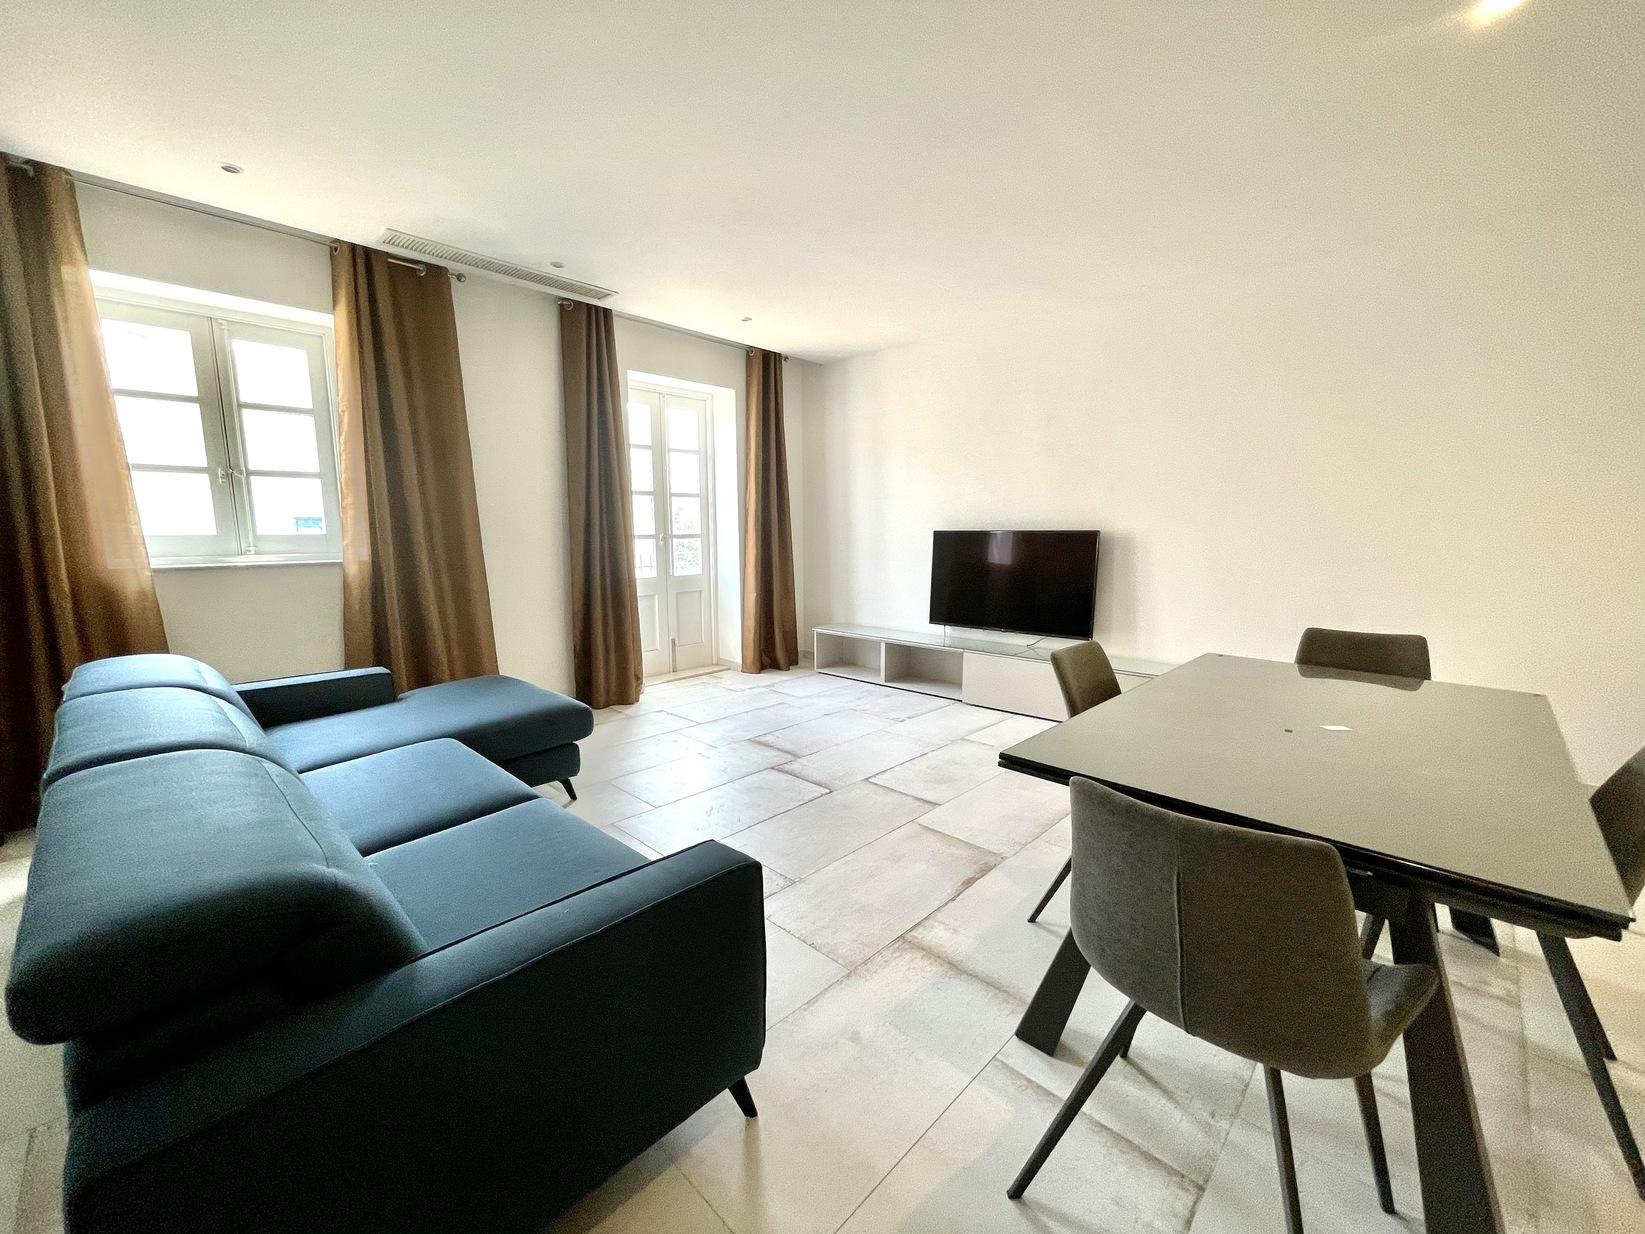 3 bed Apartment For Rent in Kalkara, Kalkara - thumb 3